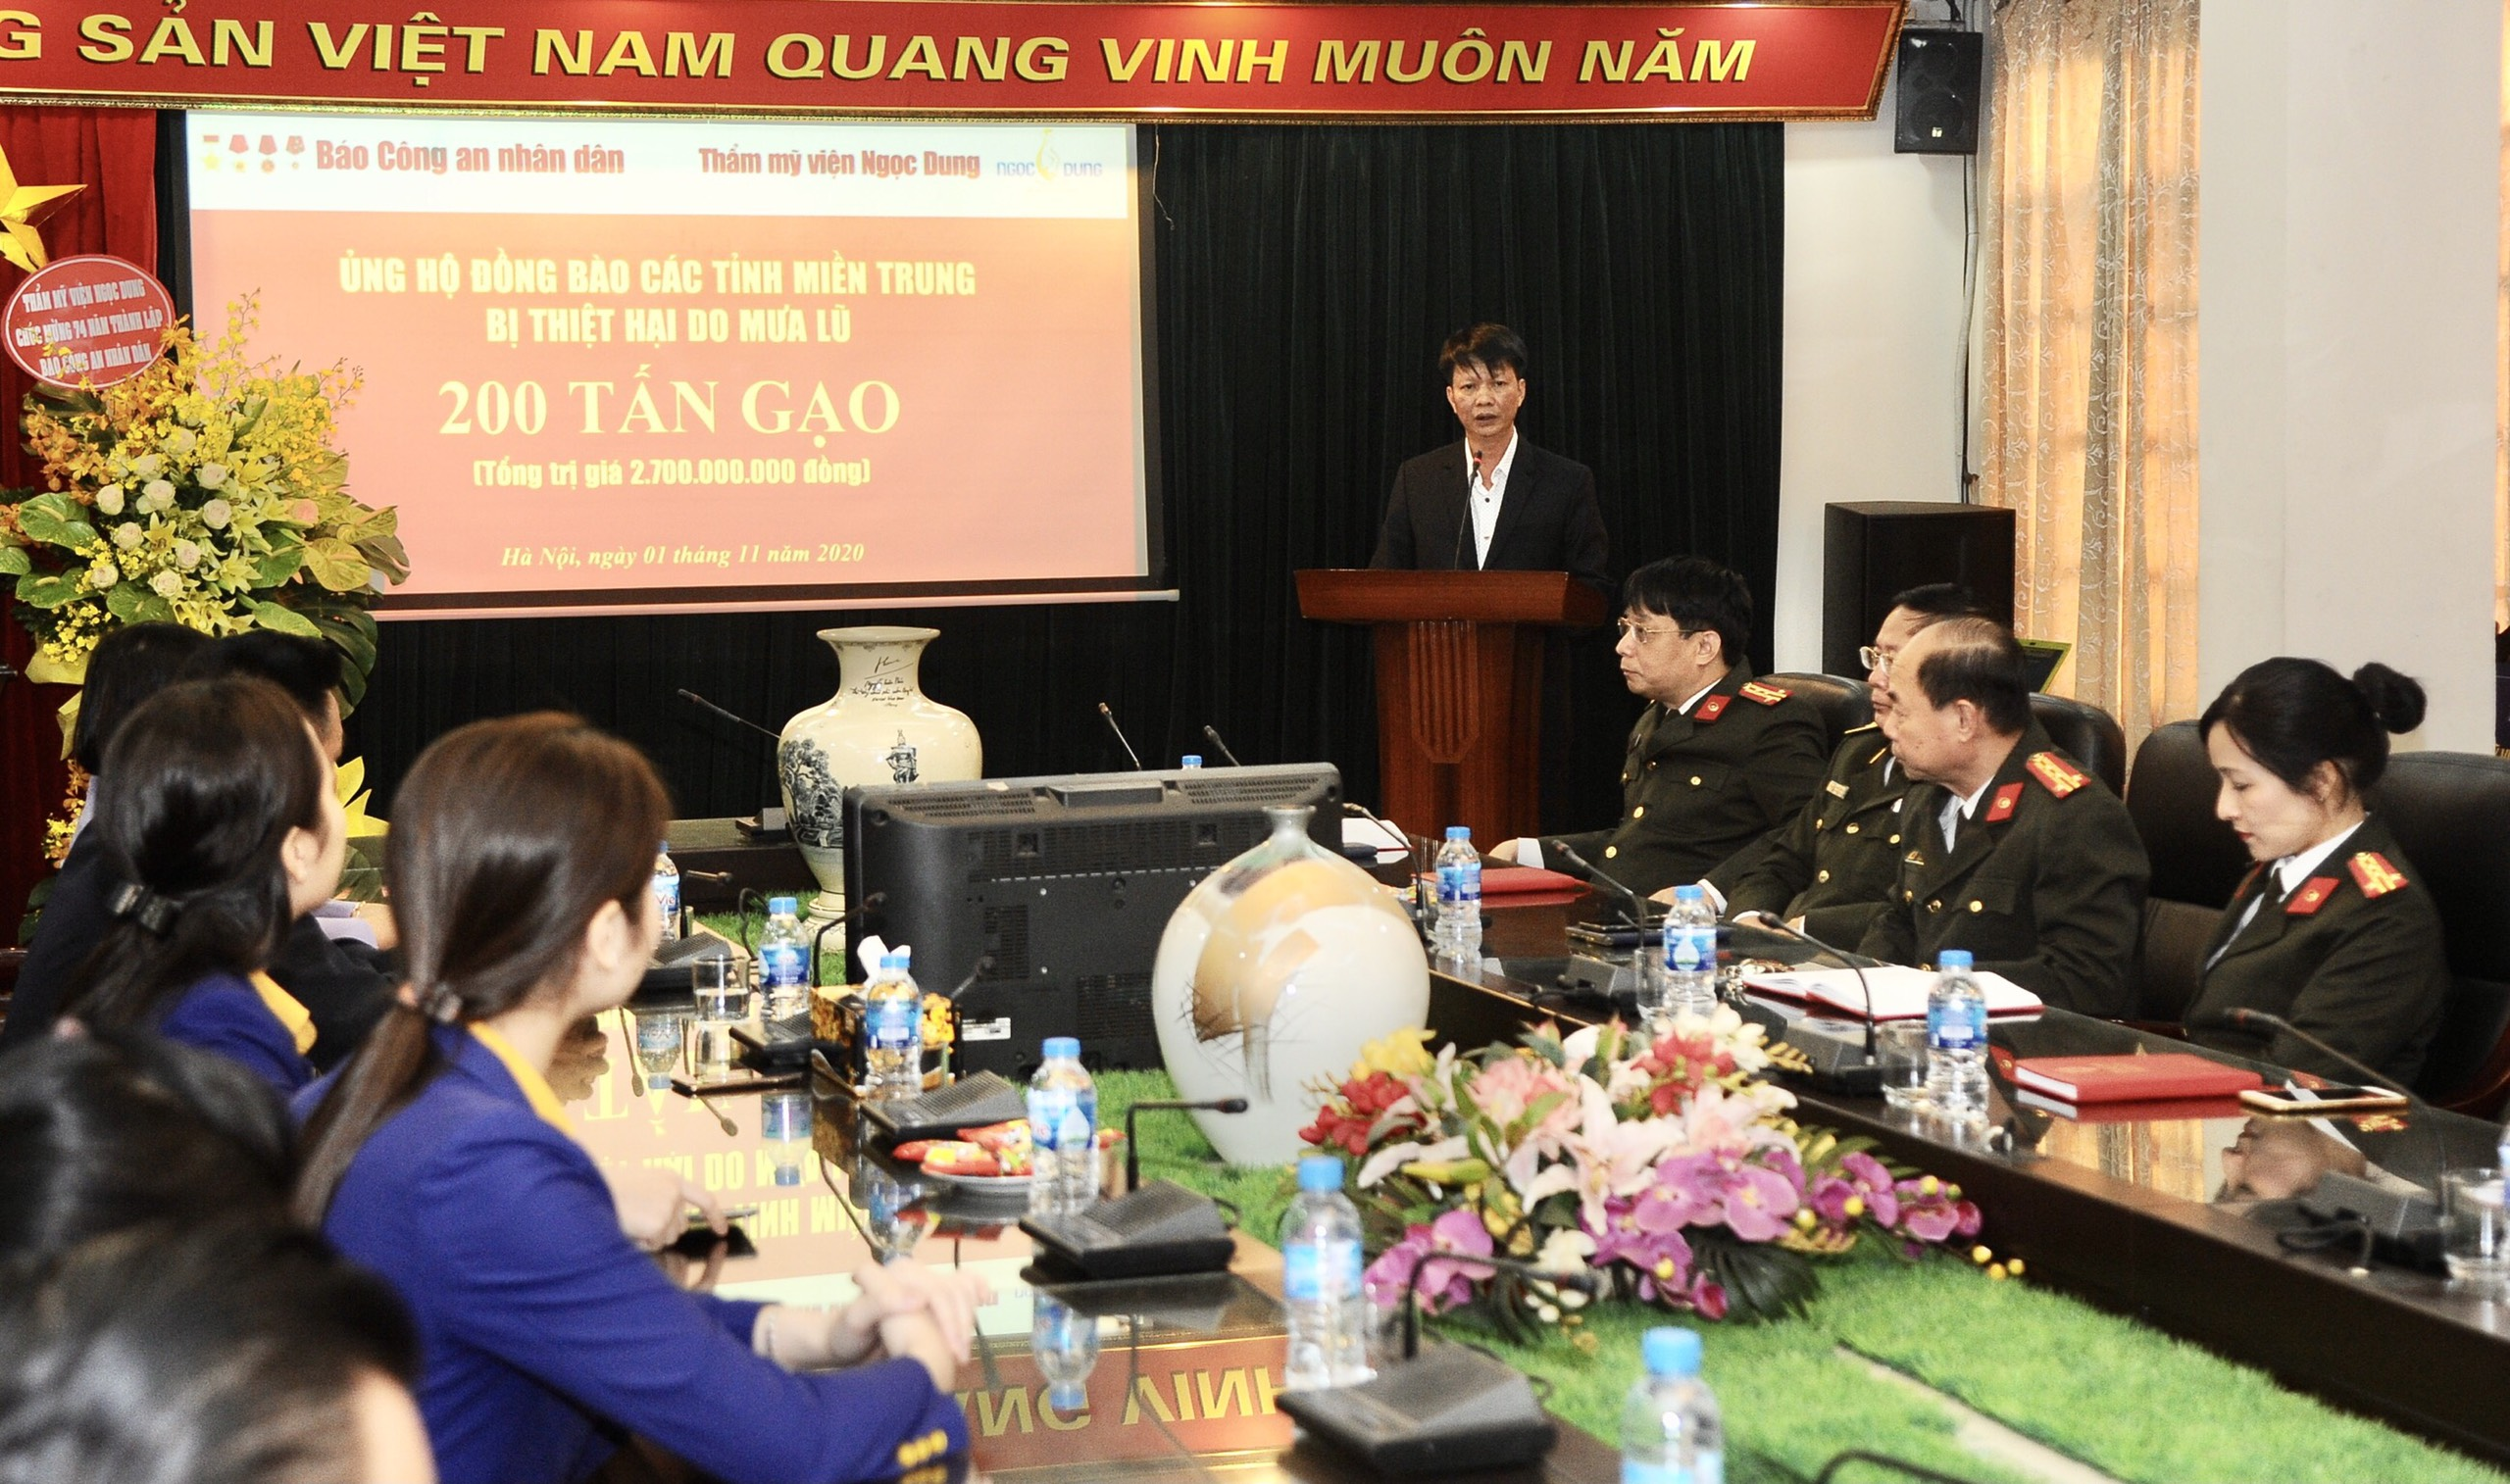 Phó Tổng Giám đốc Công ty TNHH TMV Ngọc Dung Bùi Văn Tiến phát biểu tại buổi lễ.